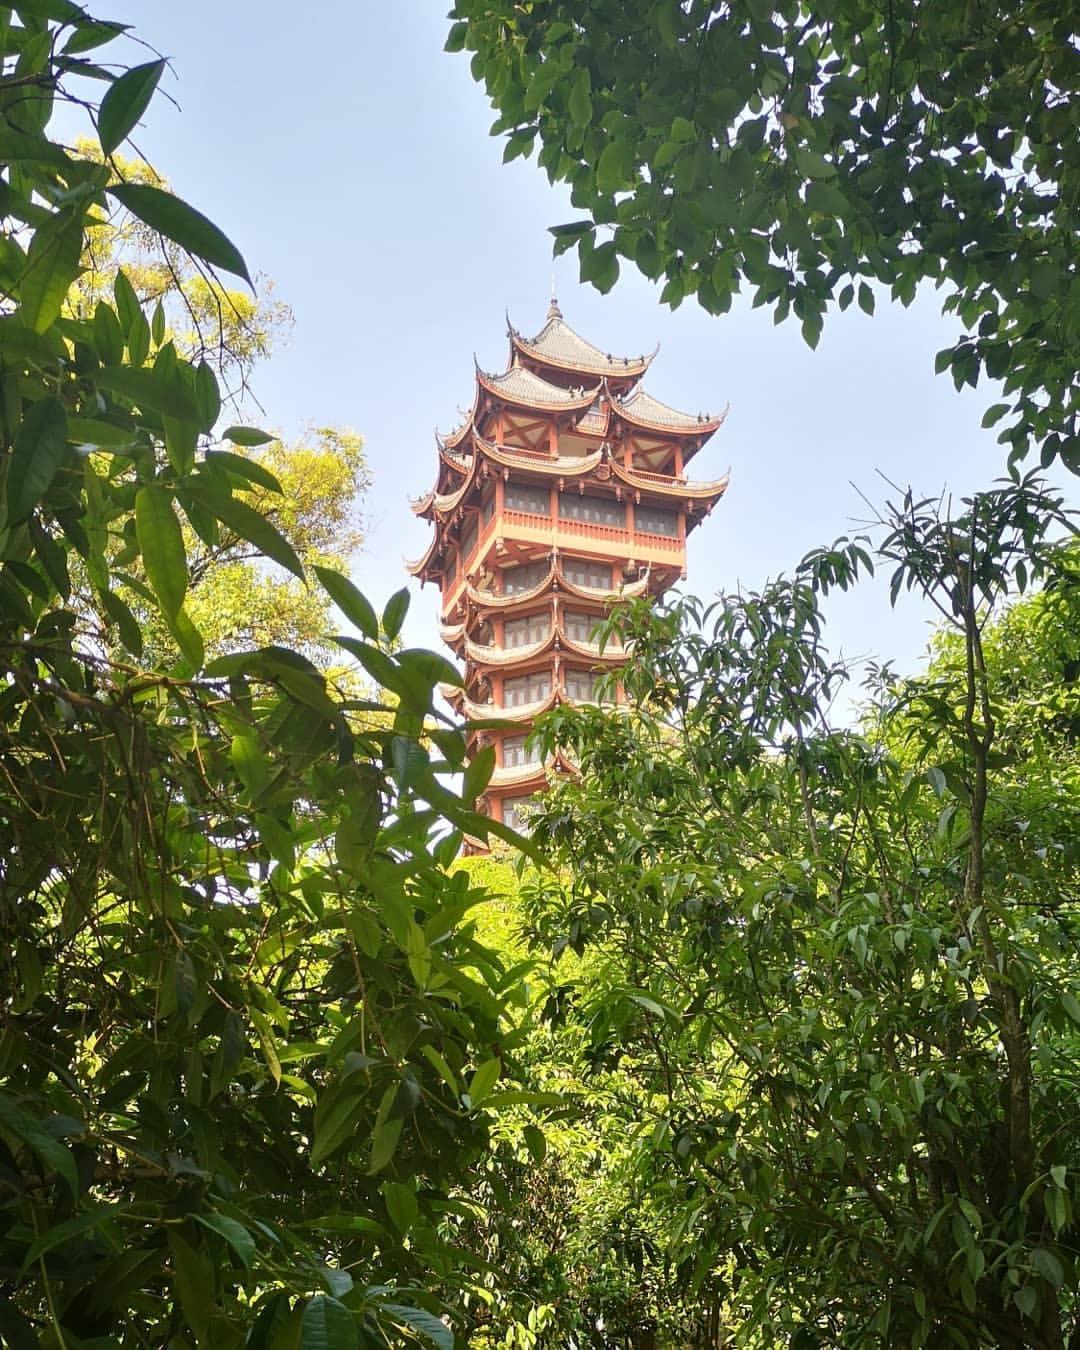 當代中國-中國旅遊-中國文化-四川-成都-九天樓-李白-2